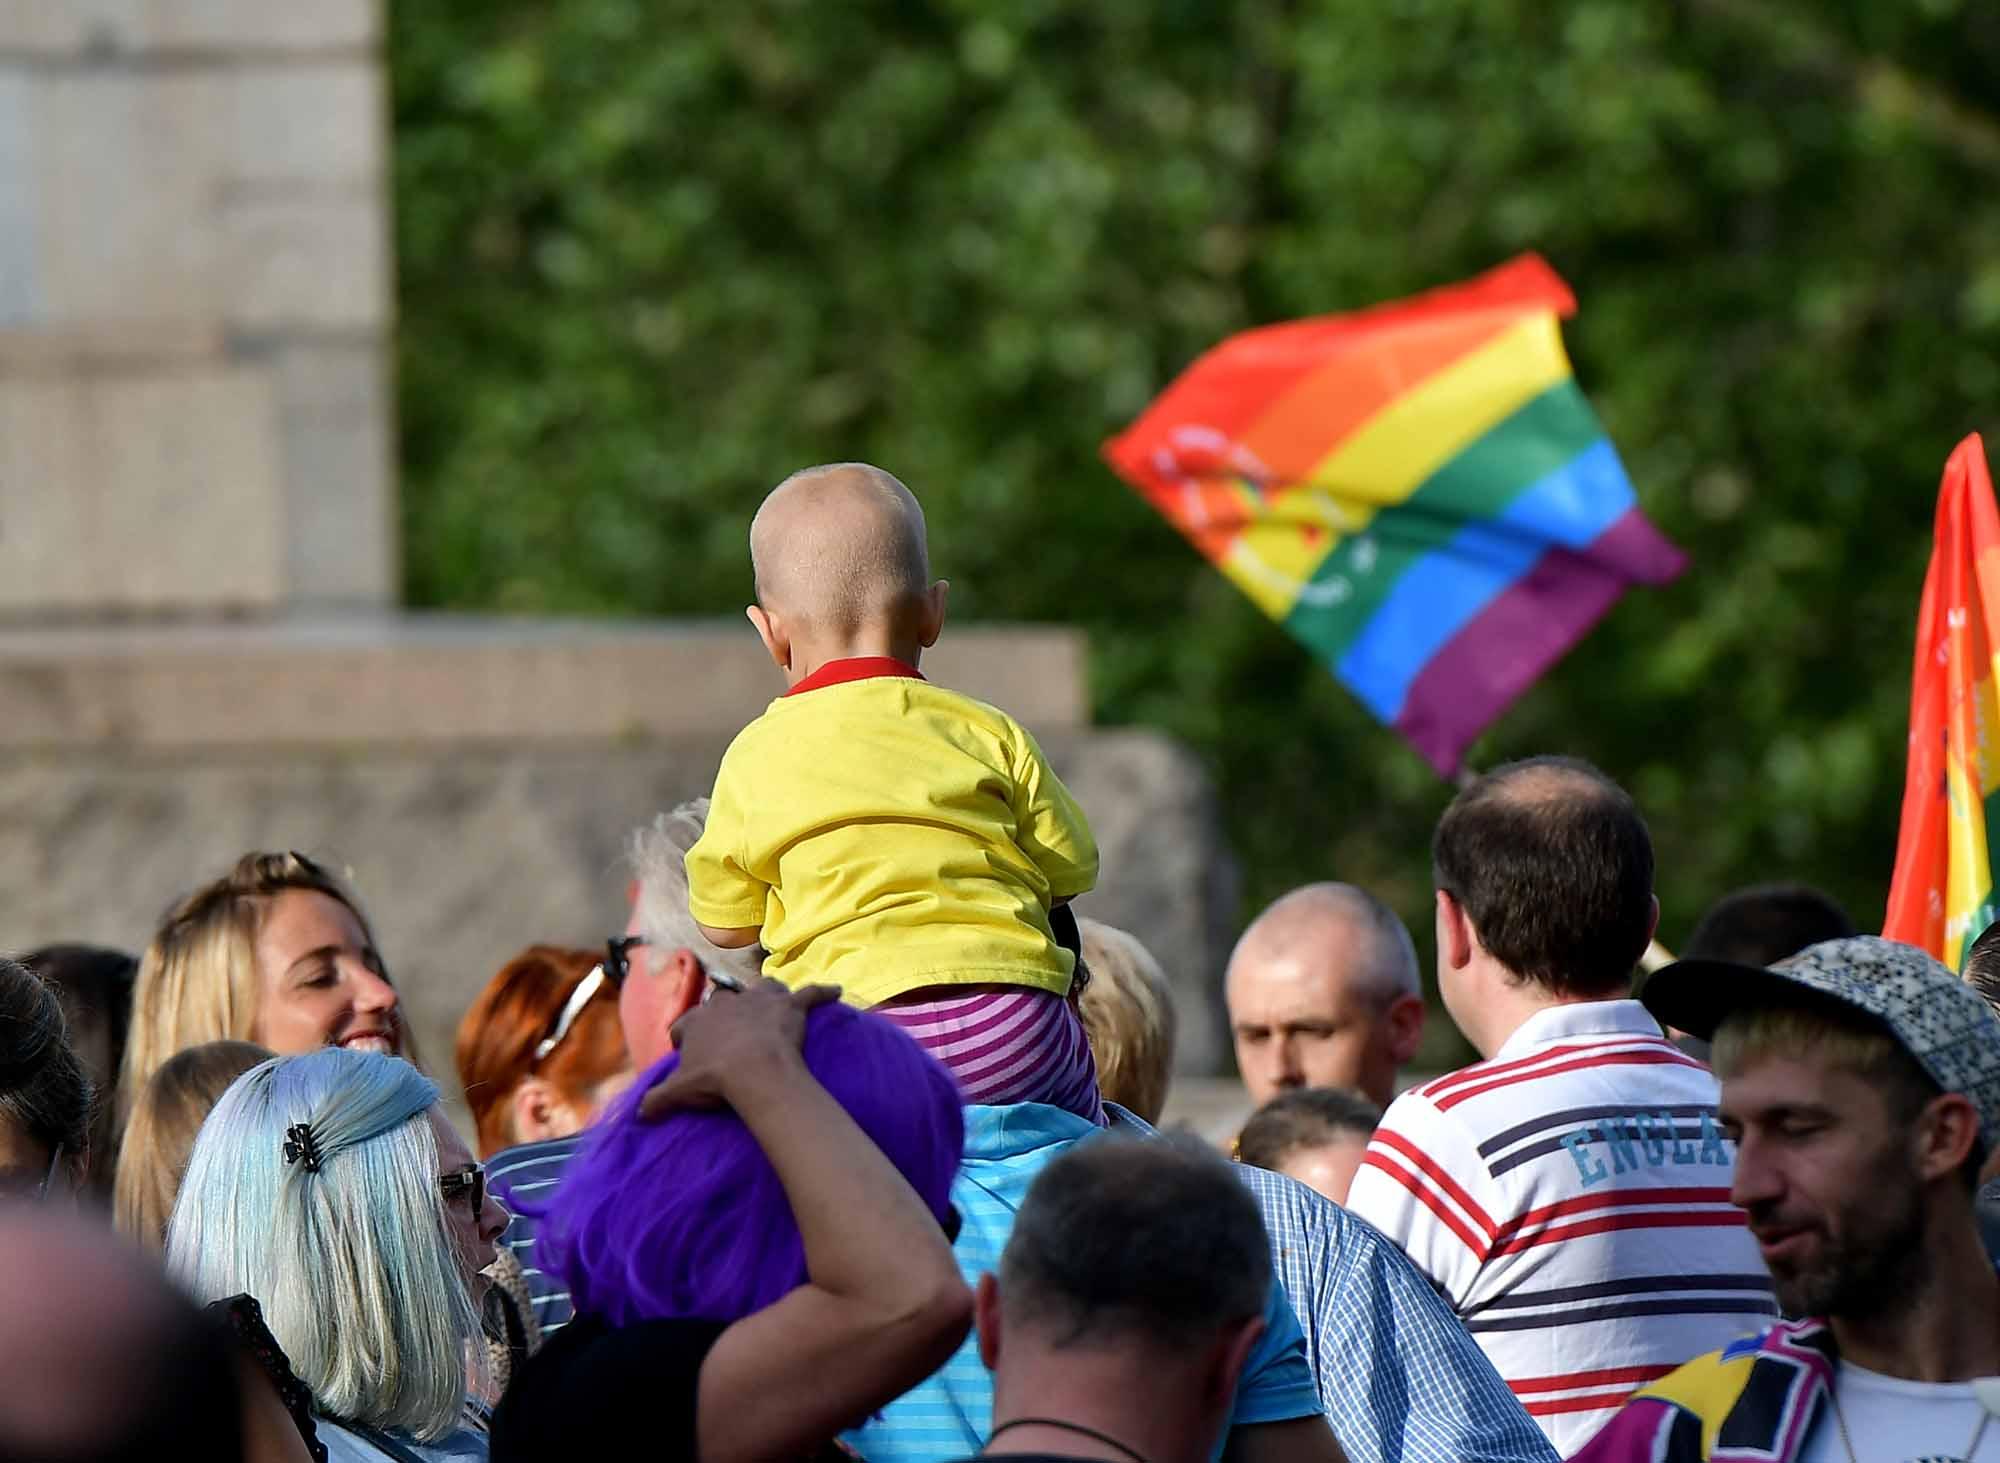 Снимка: Нинова обяви война на джендър идеологиите в училищата: Губим децата си! Промиват им главичките с псевдоценности…